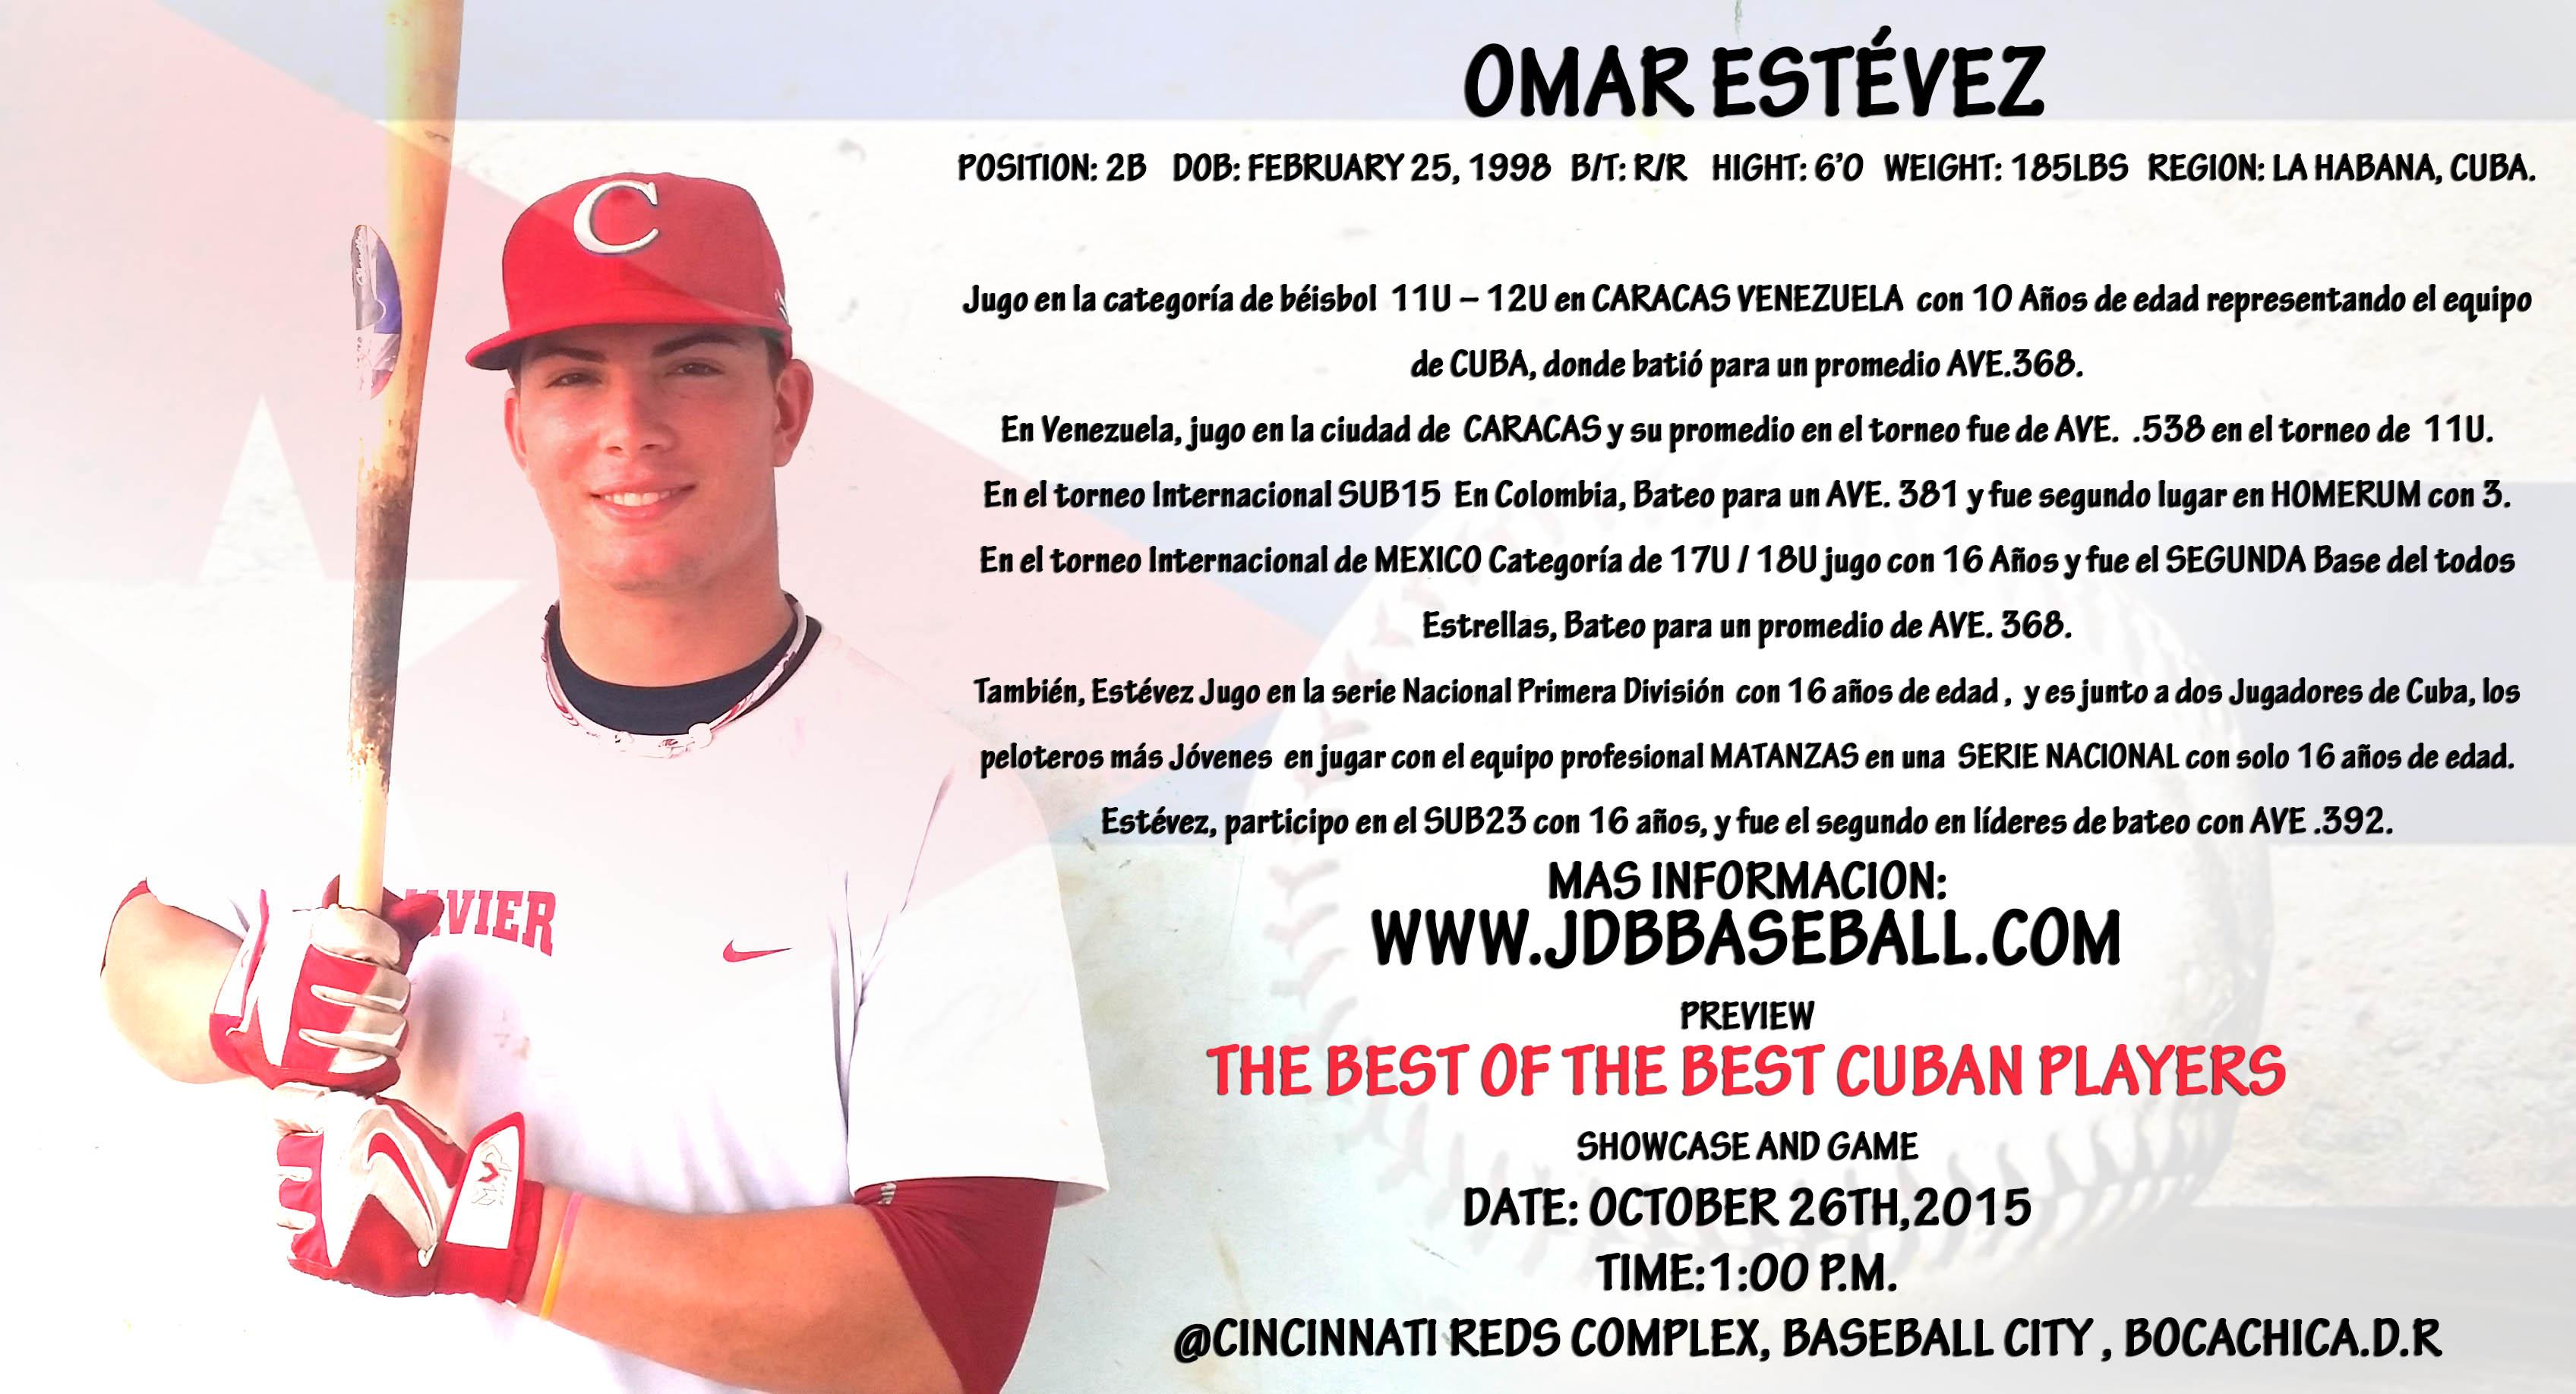 Omar Estevez